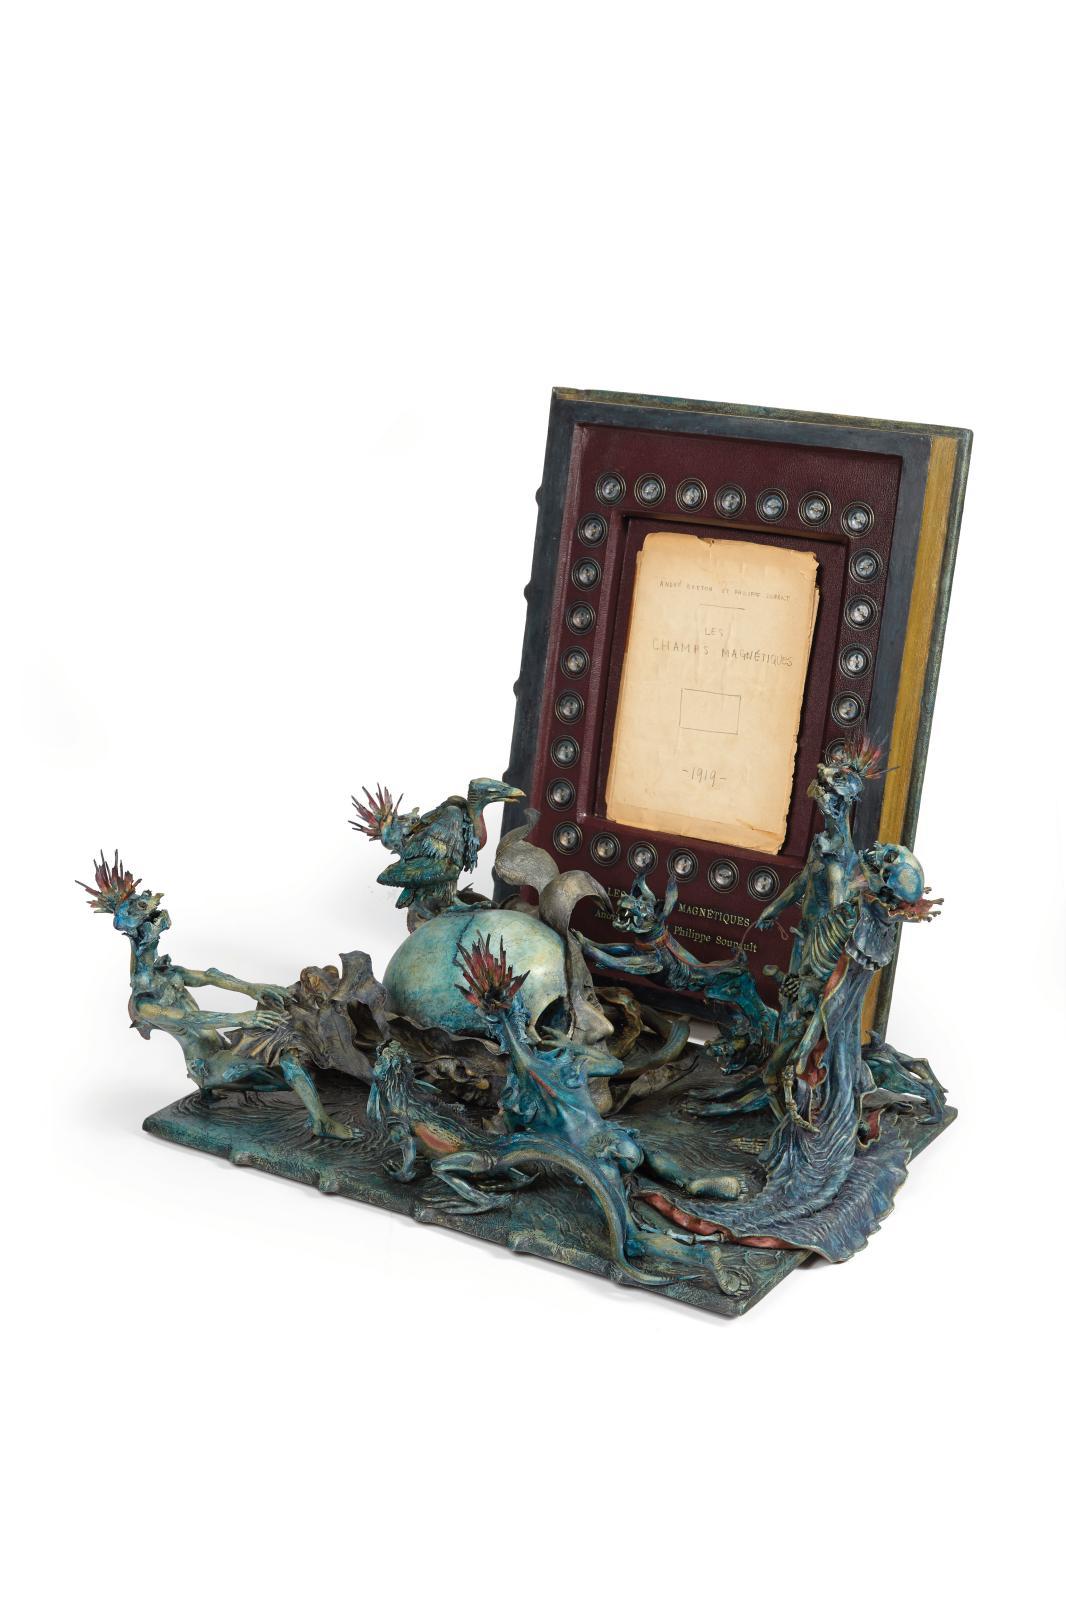 André Breton(1896-1966) et Philippe Soupault(1897-1990), Les Champs magnétiques, 1919, manuscrit autographe à deux mains, in-8o, composé